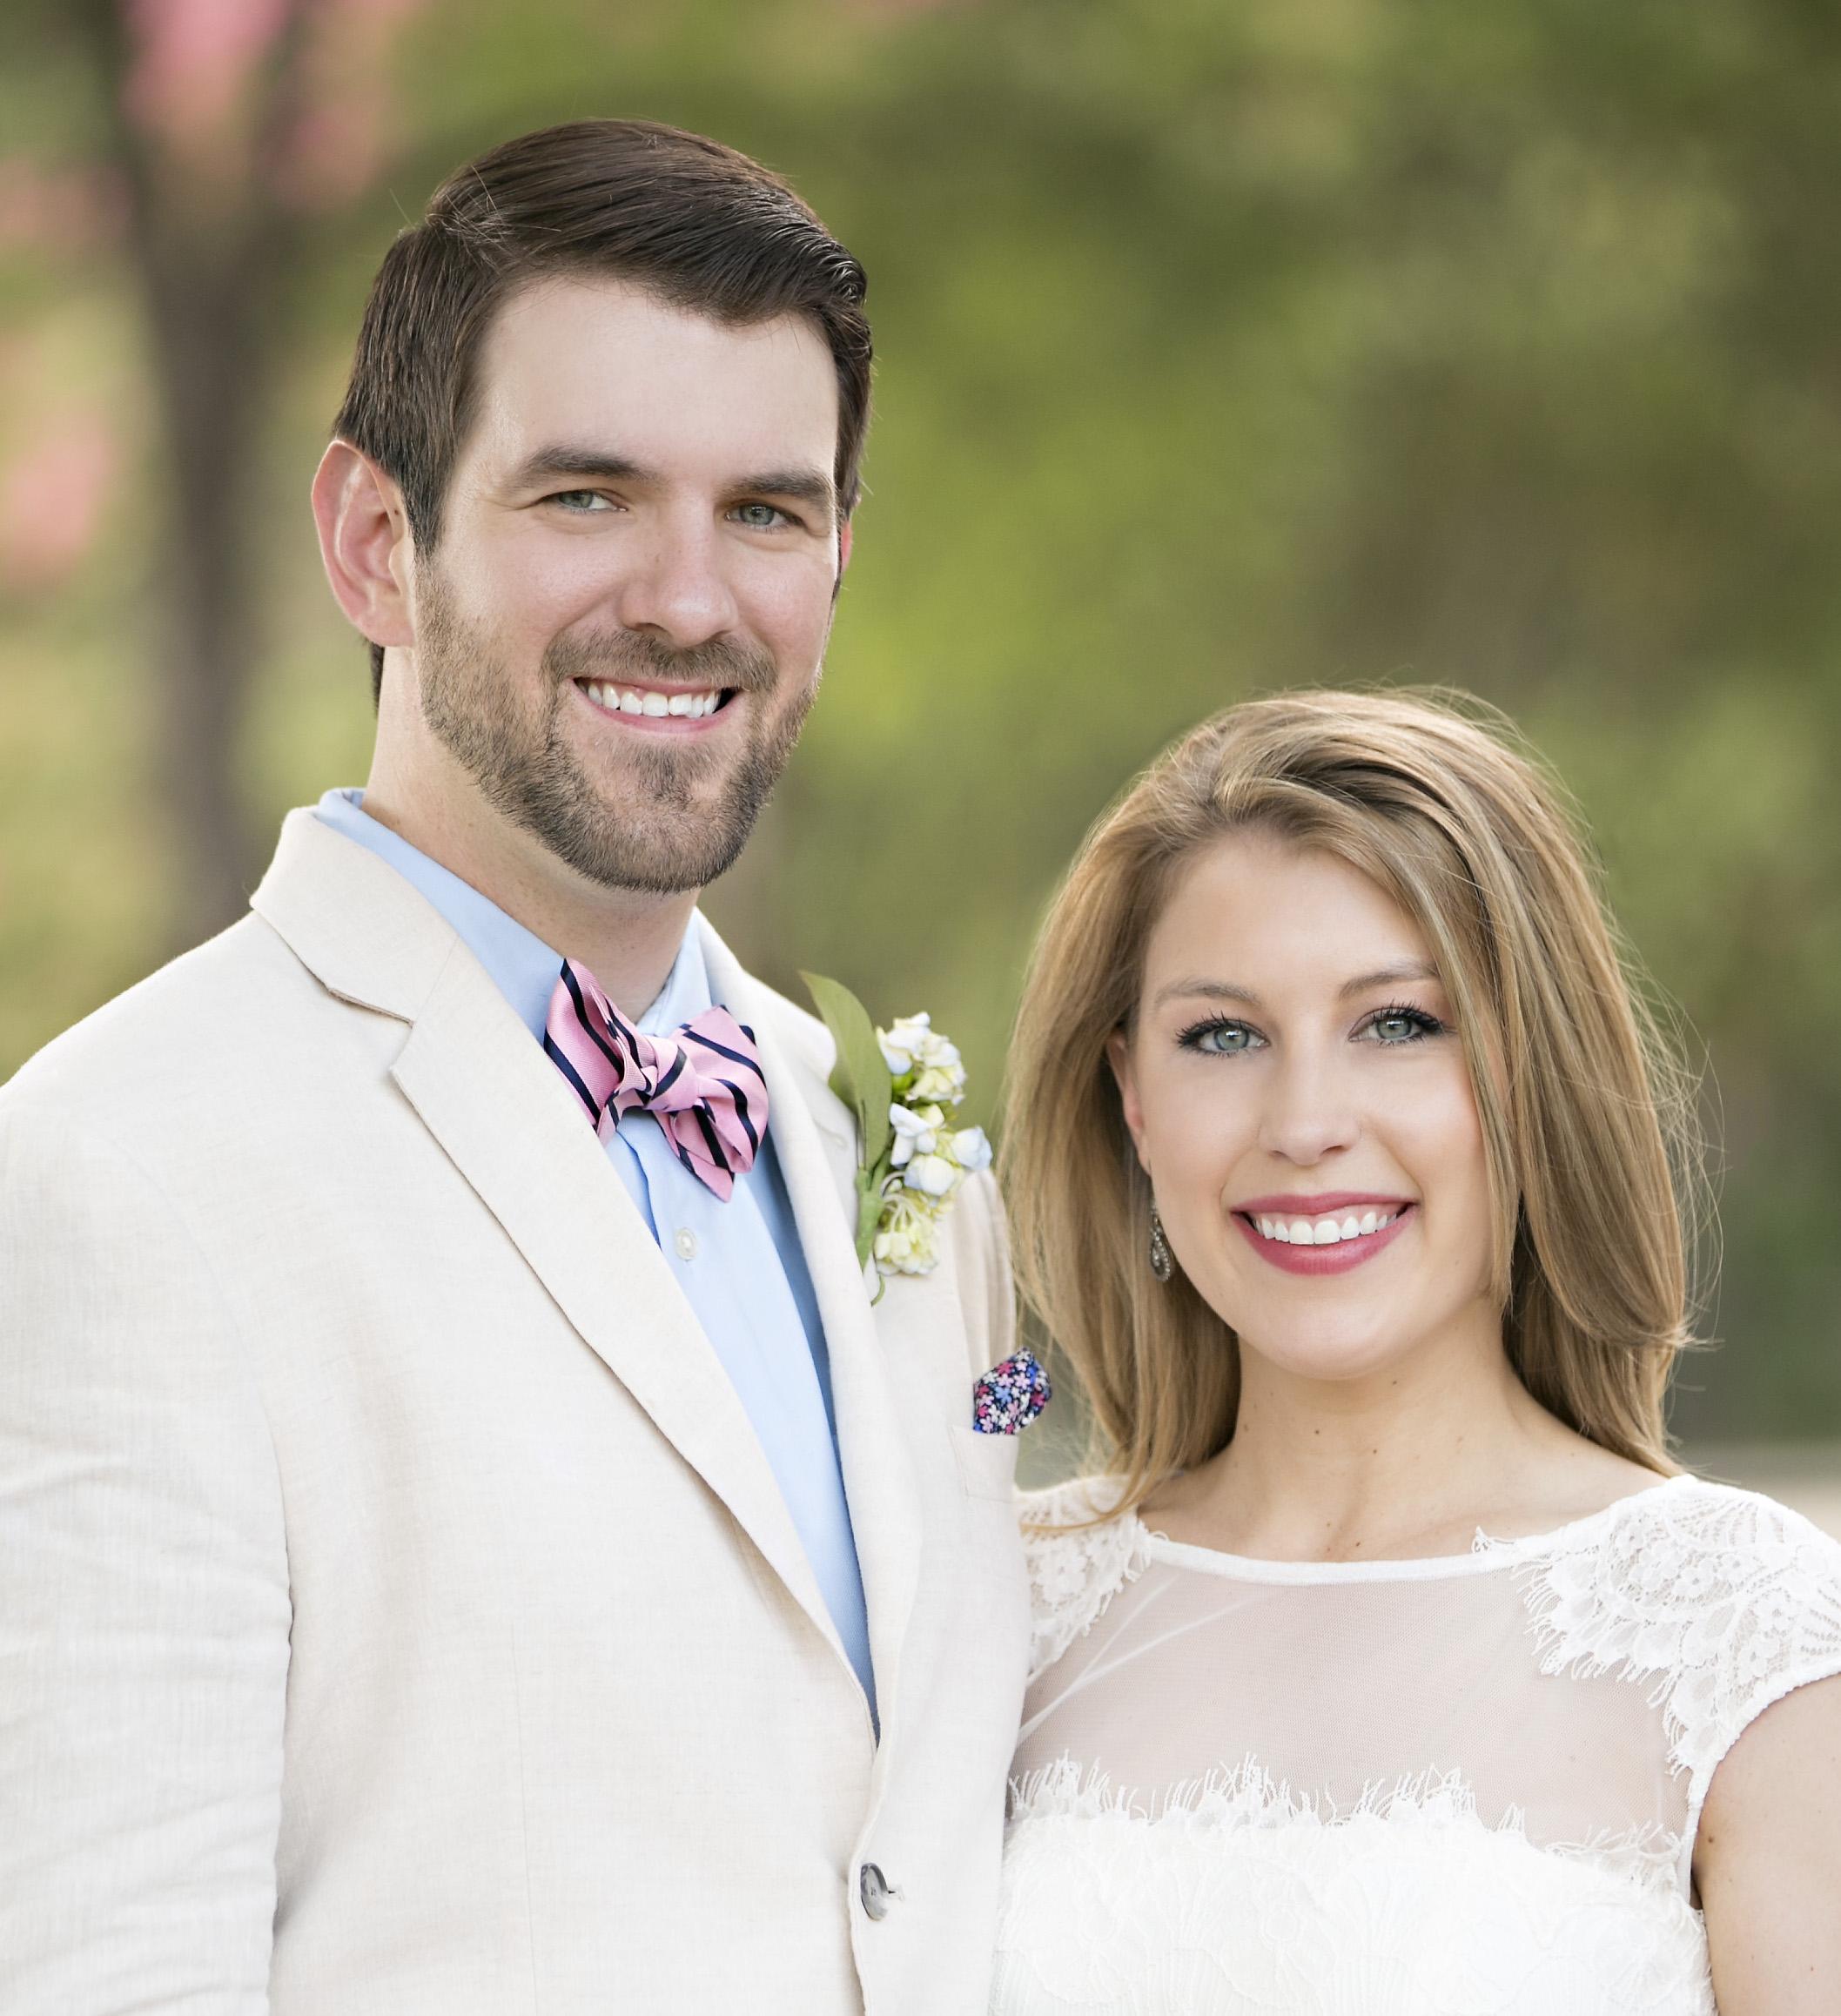 Drs. Rebekah & Derek Bruner